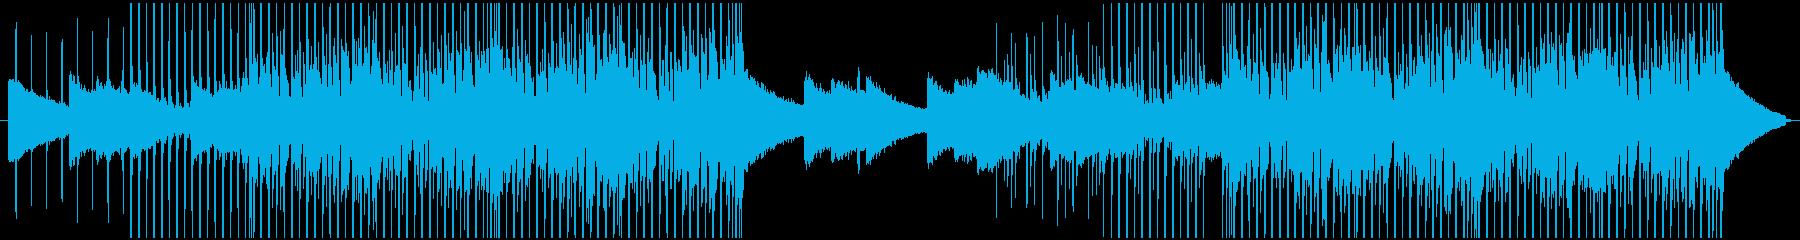 サマーダンスラウンジの再生済みの波形